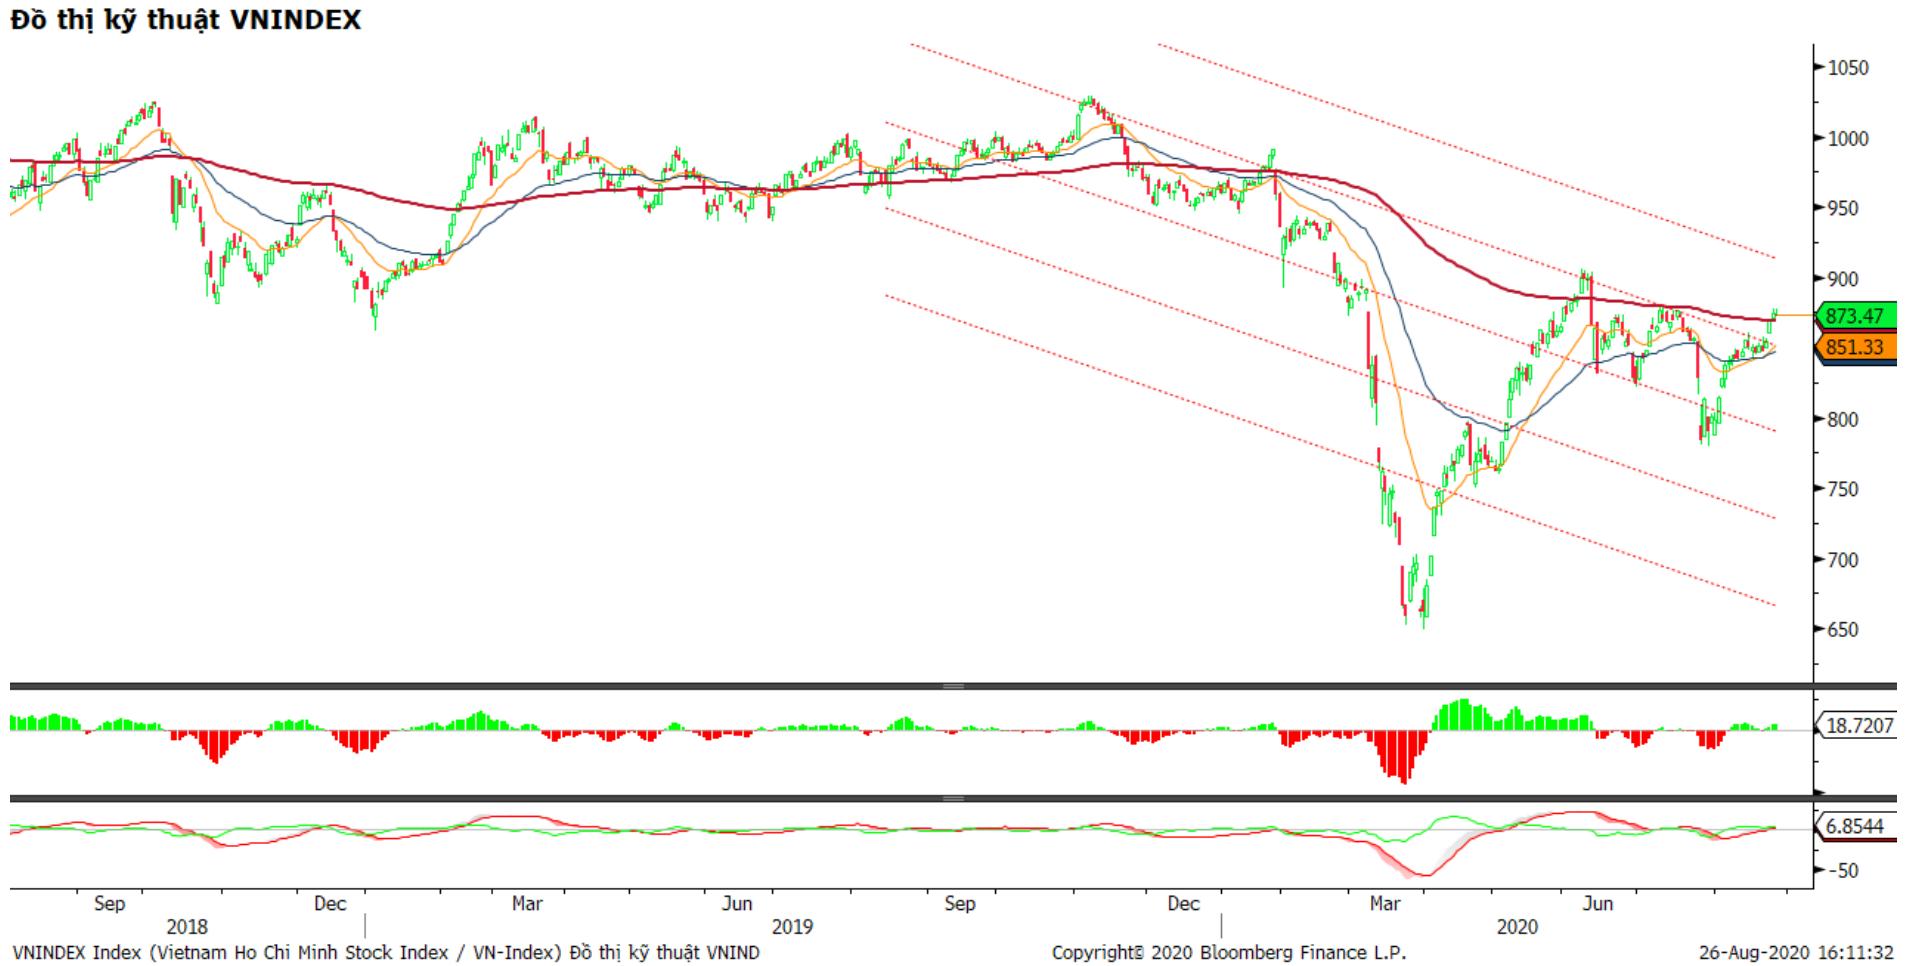 Nhận định thị trường chứng khoán ngày 27/8: Tăng điểm cuối phiên? - Ảnh 1.